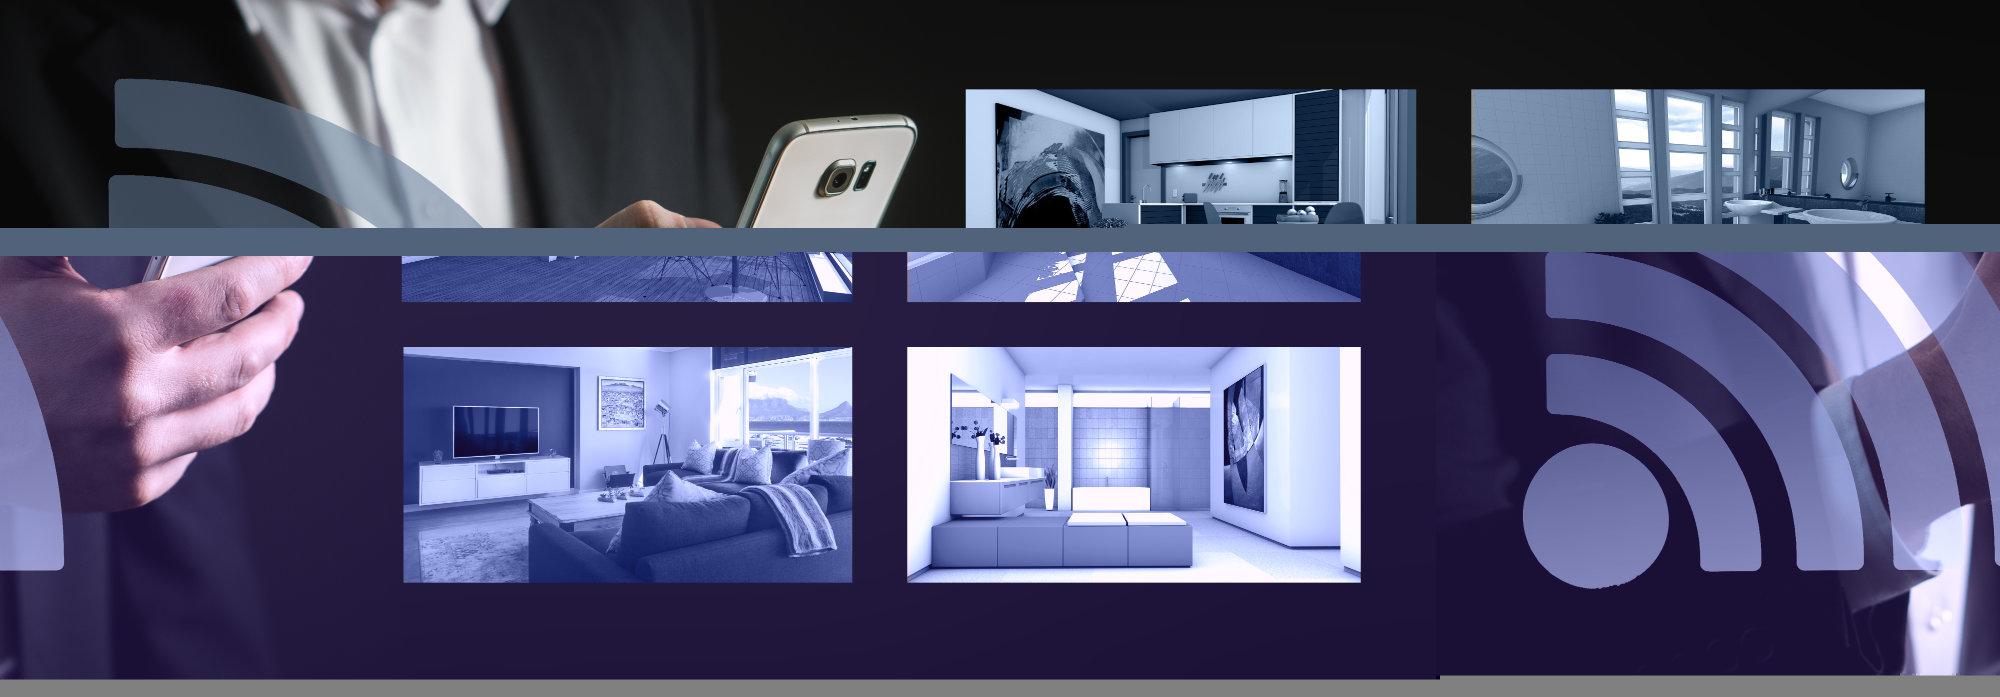 La Smart Home con il nostro Building Intelligent System (BIS)